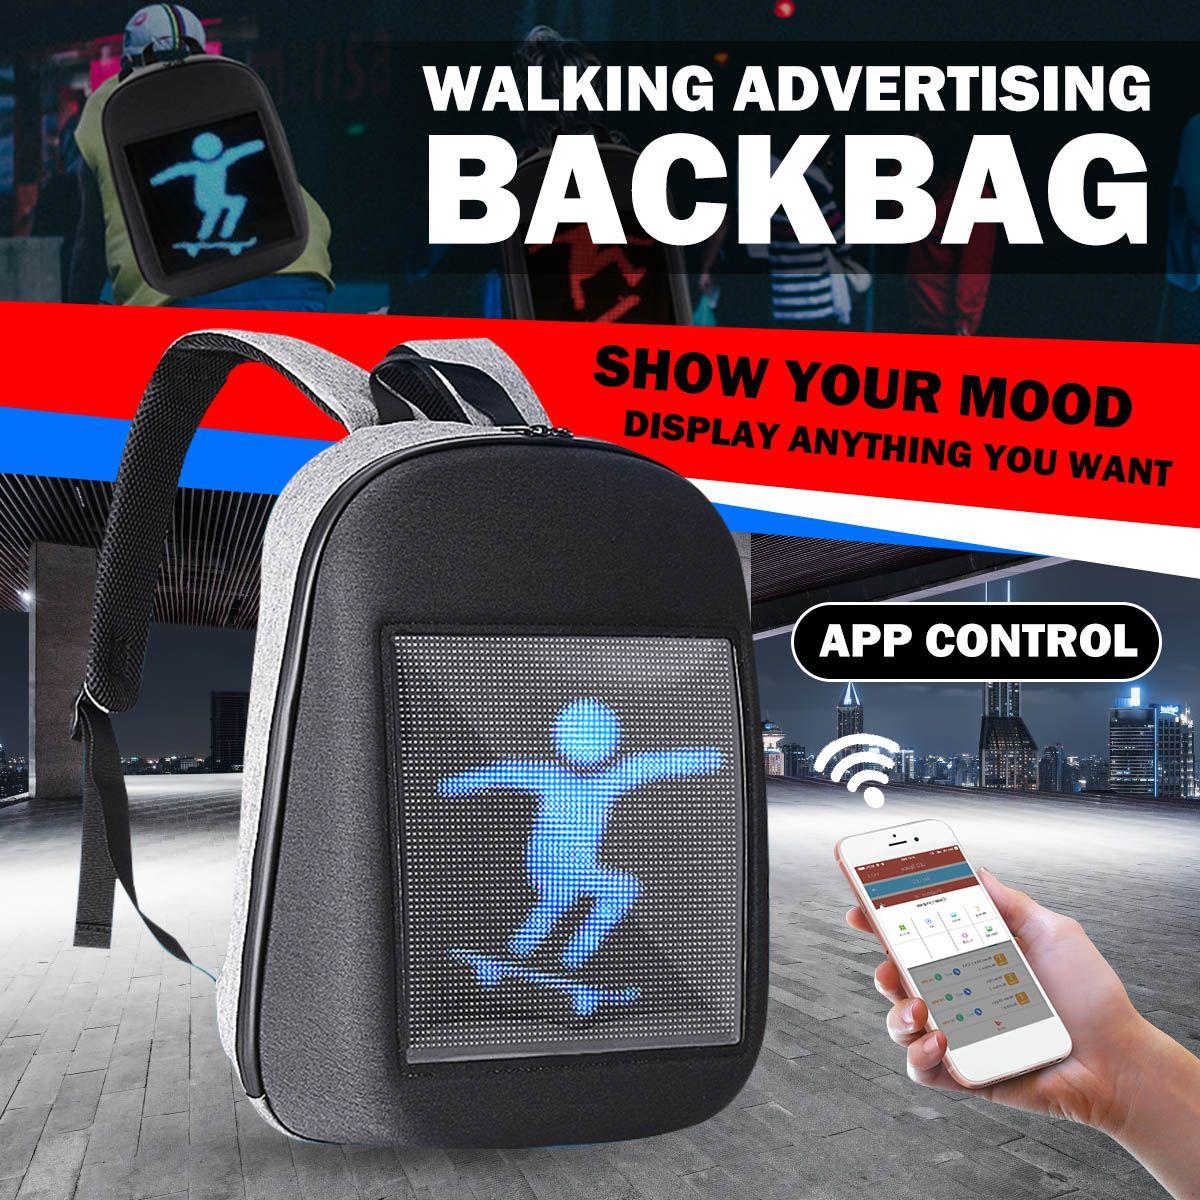 Personnalité écran LED dynamique publicité sac à dos bricolage WiFi LED ville marche publicité sac pour ordinateur portable lumière extérieure vélo